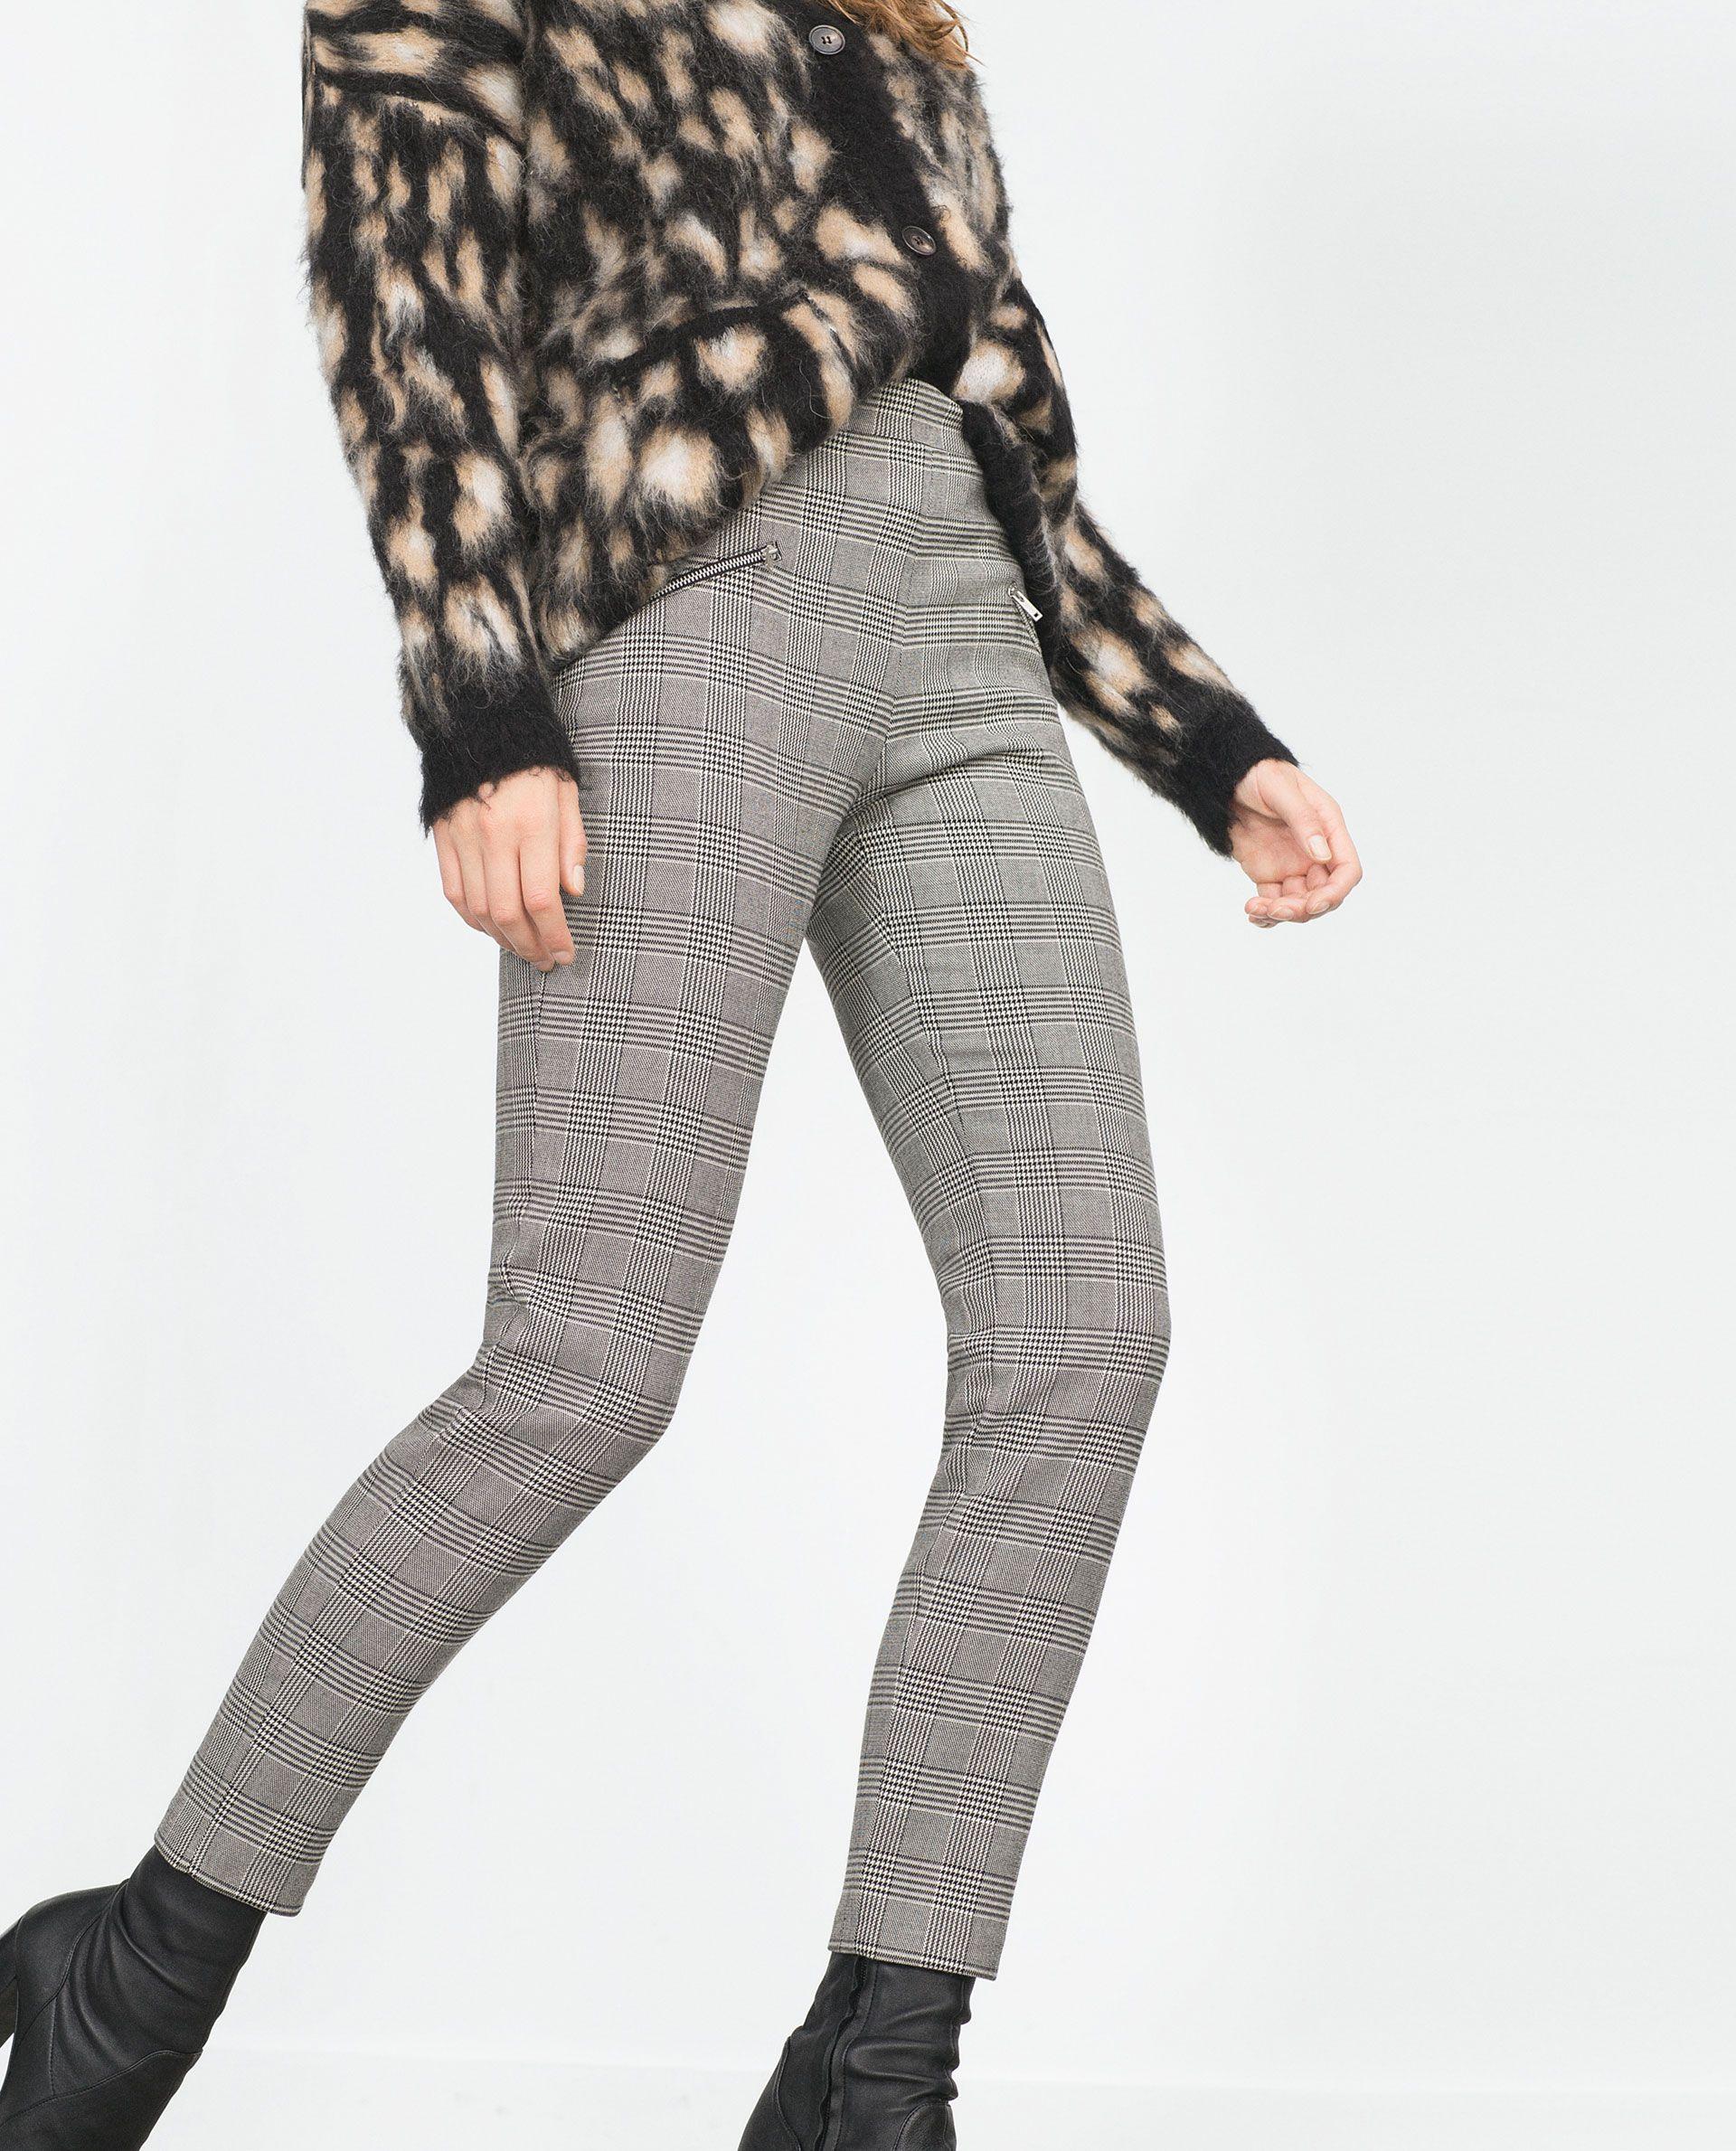 PANTALON PITILLO MULTI CREMALLERAS - Ver todo - Pantalones - MUJER | ZARA España